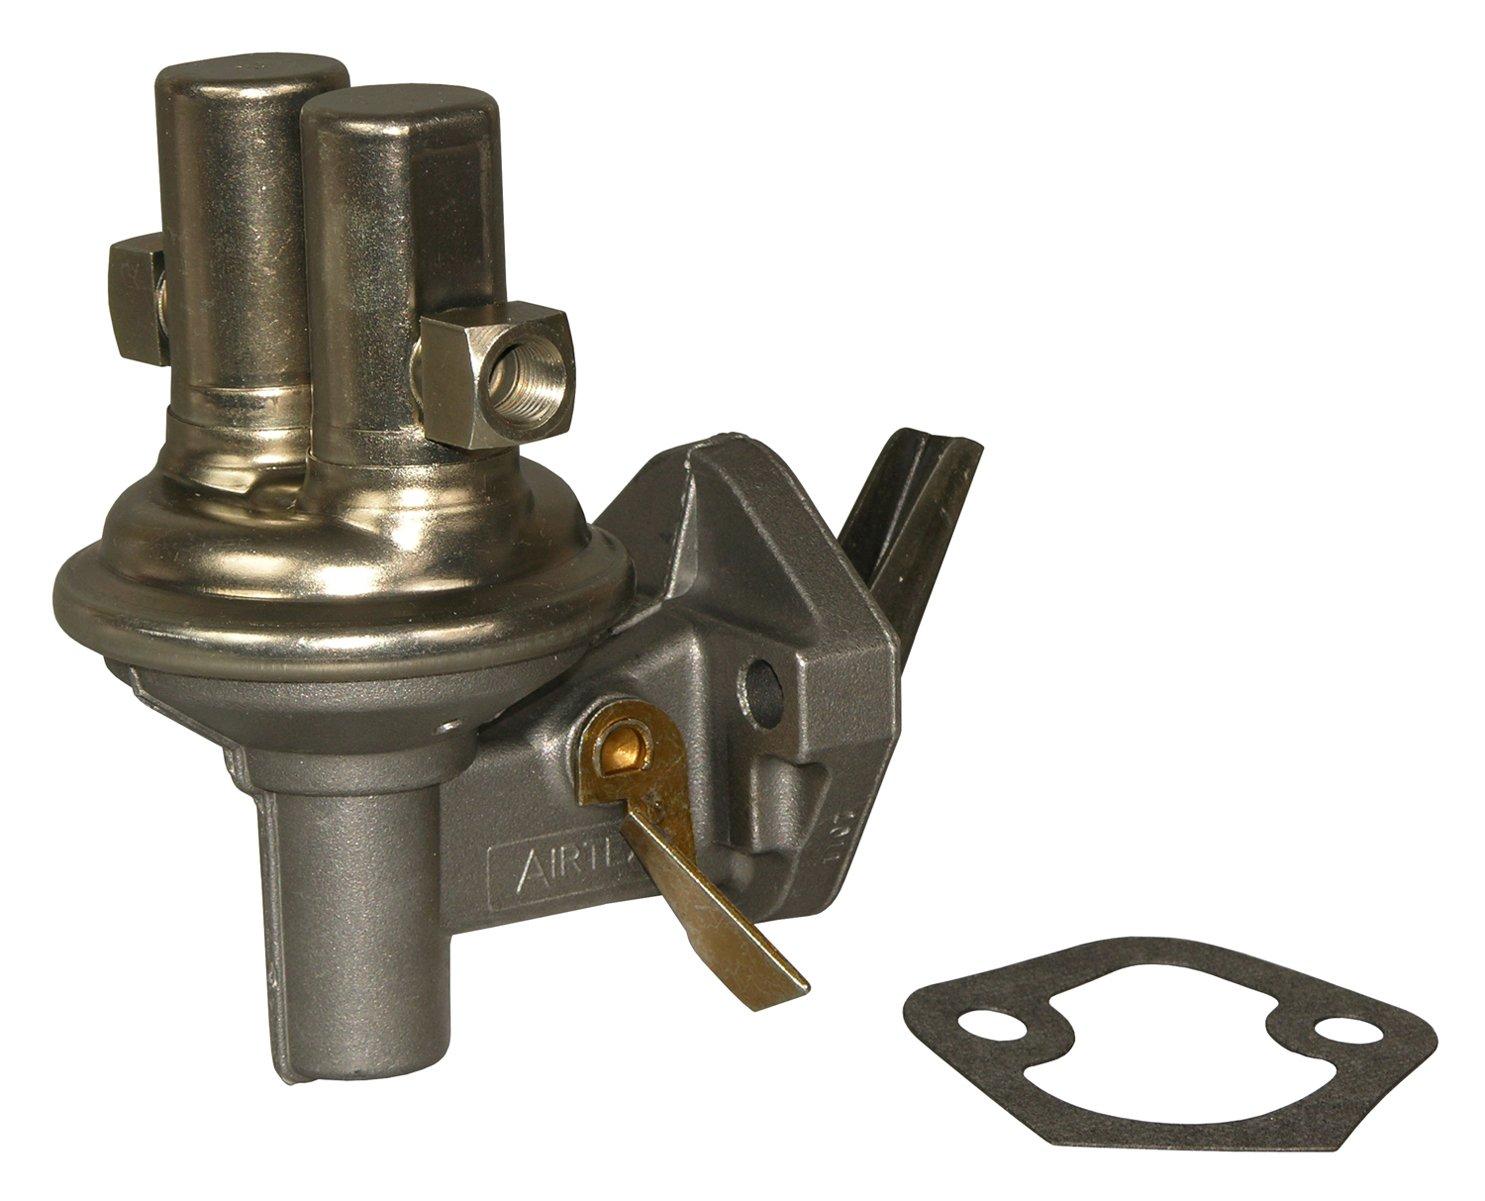 Airtex 1107 Mechanical Fuel Pump